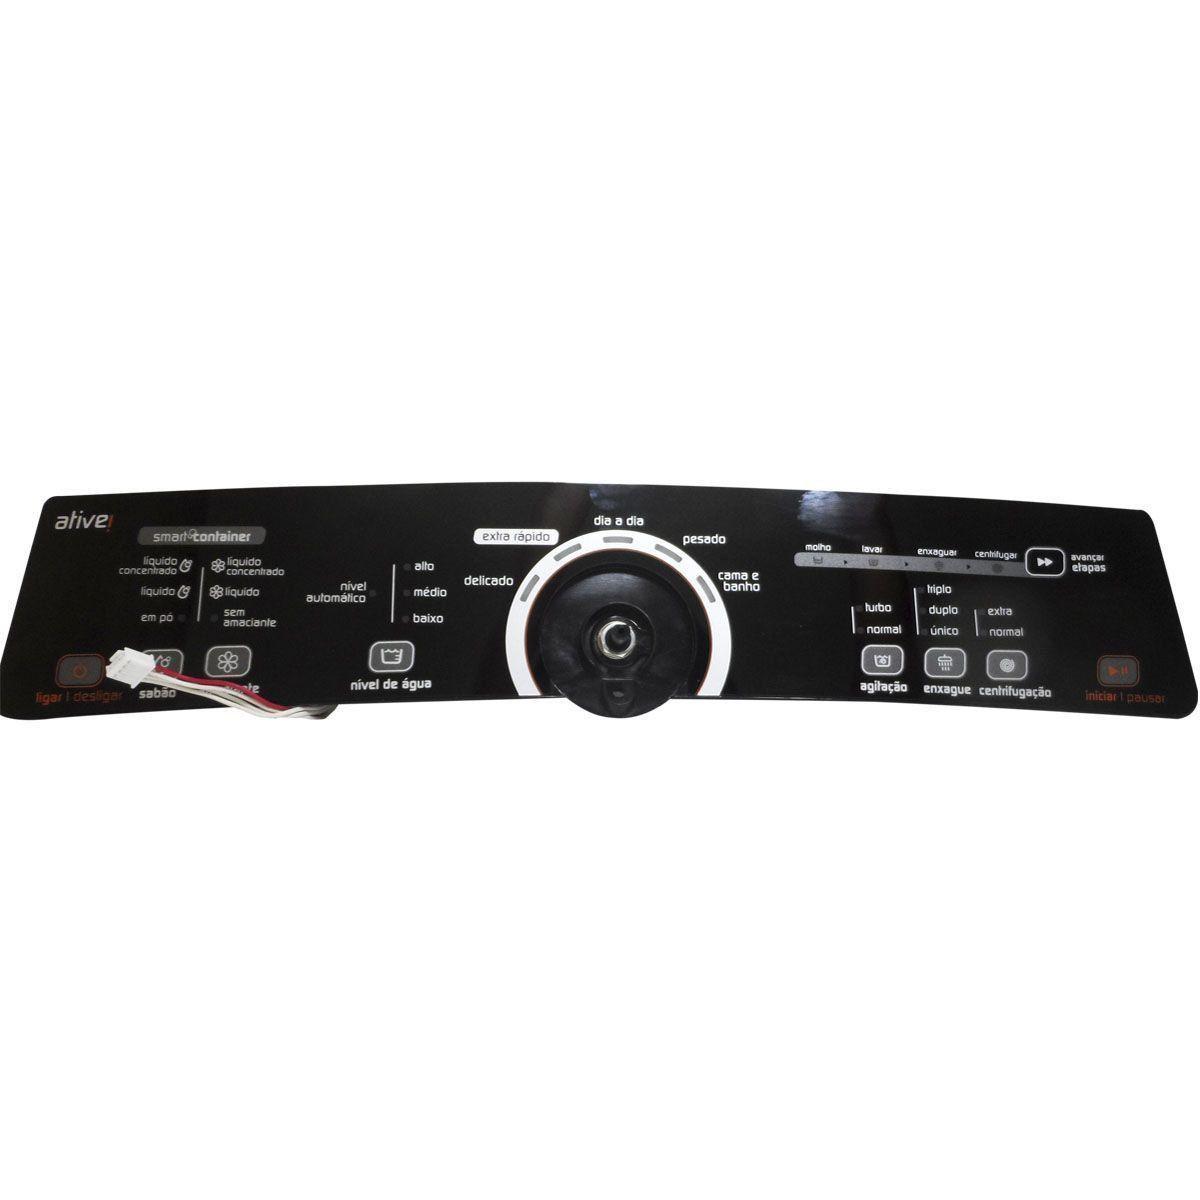 Placa Eletrônica Interface Lavadora Brastemp Bivolt Console Preto W10463580